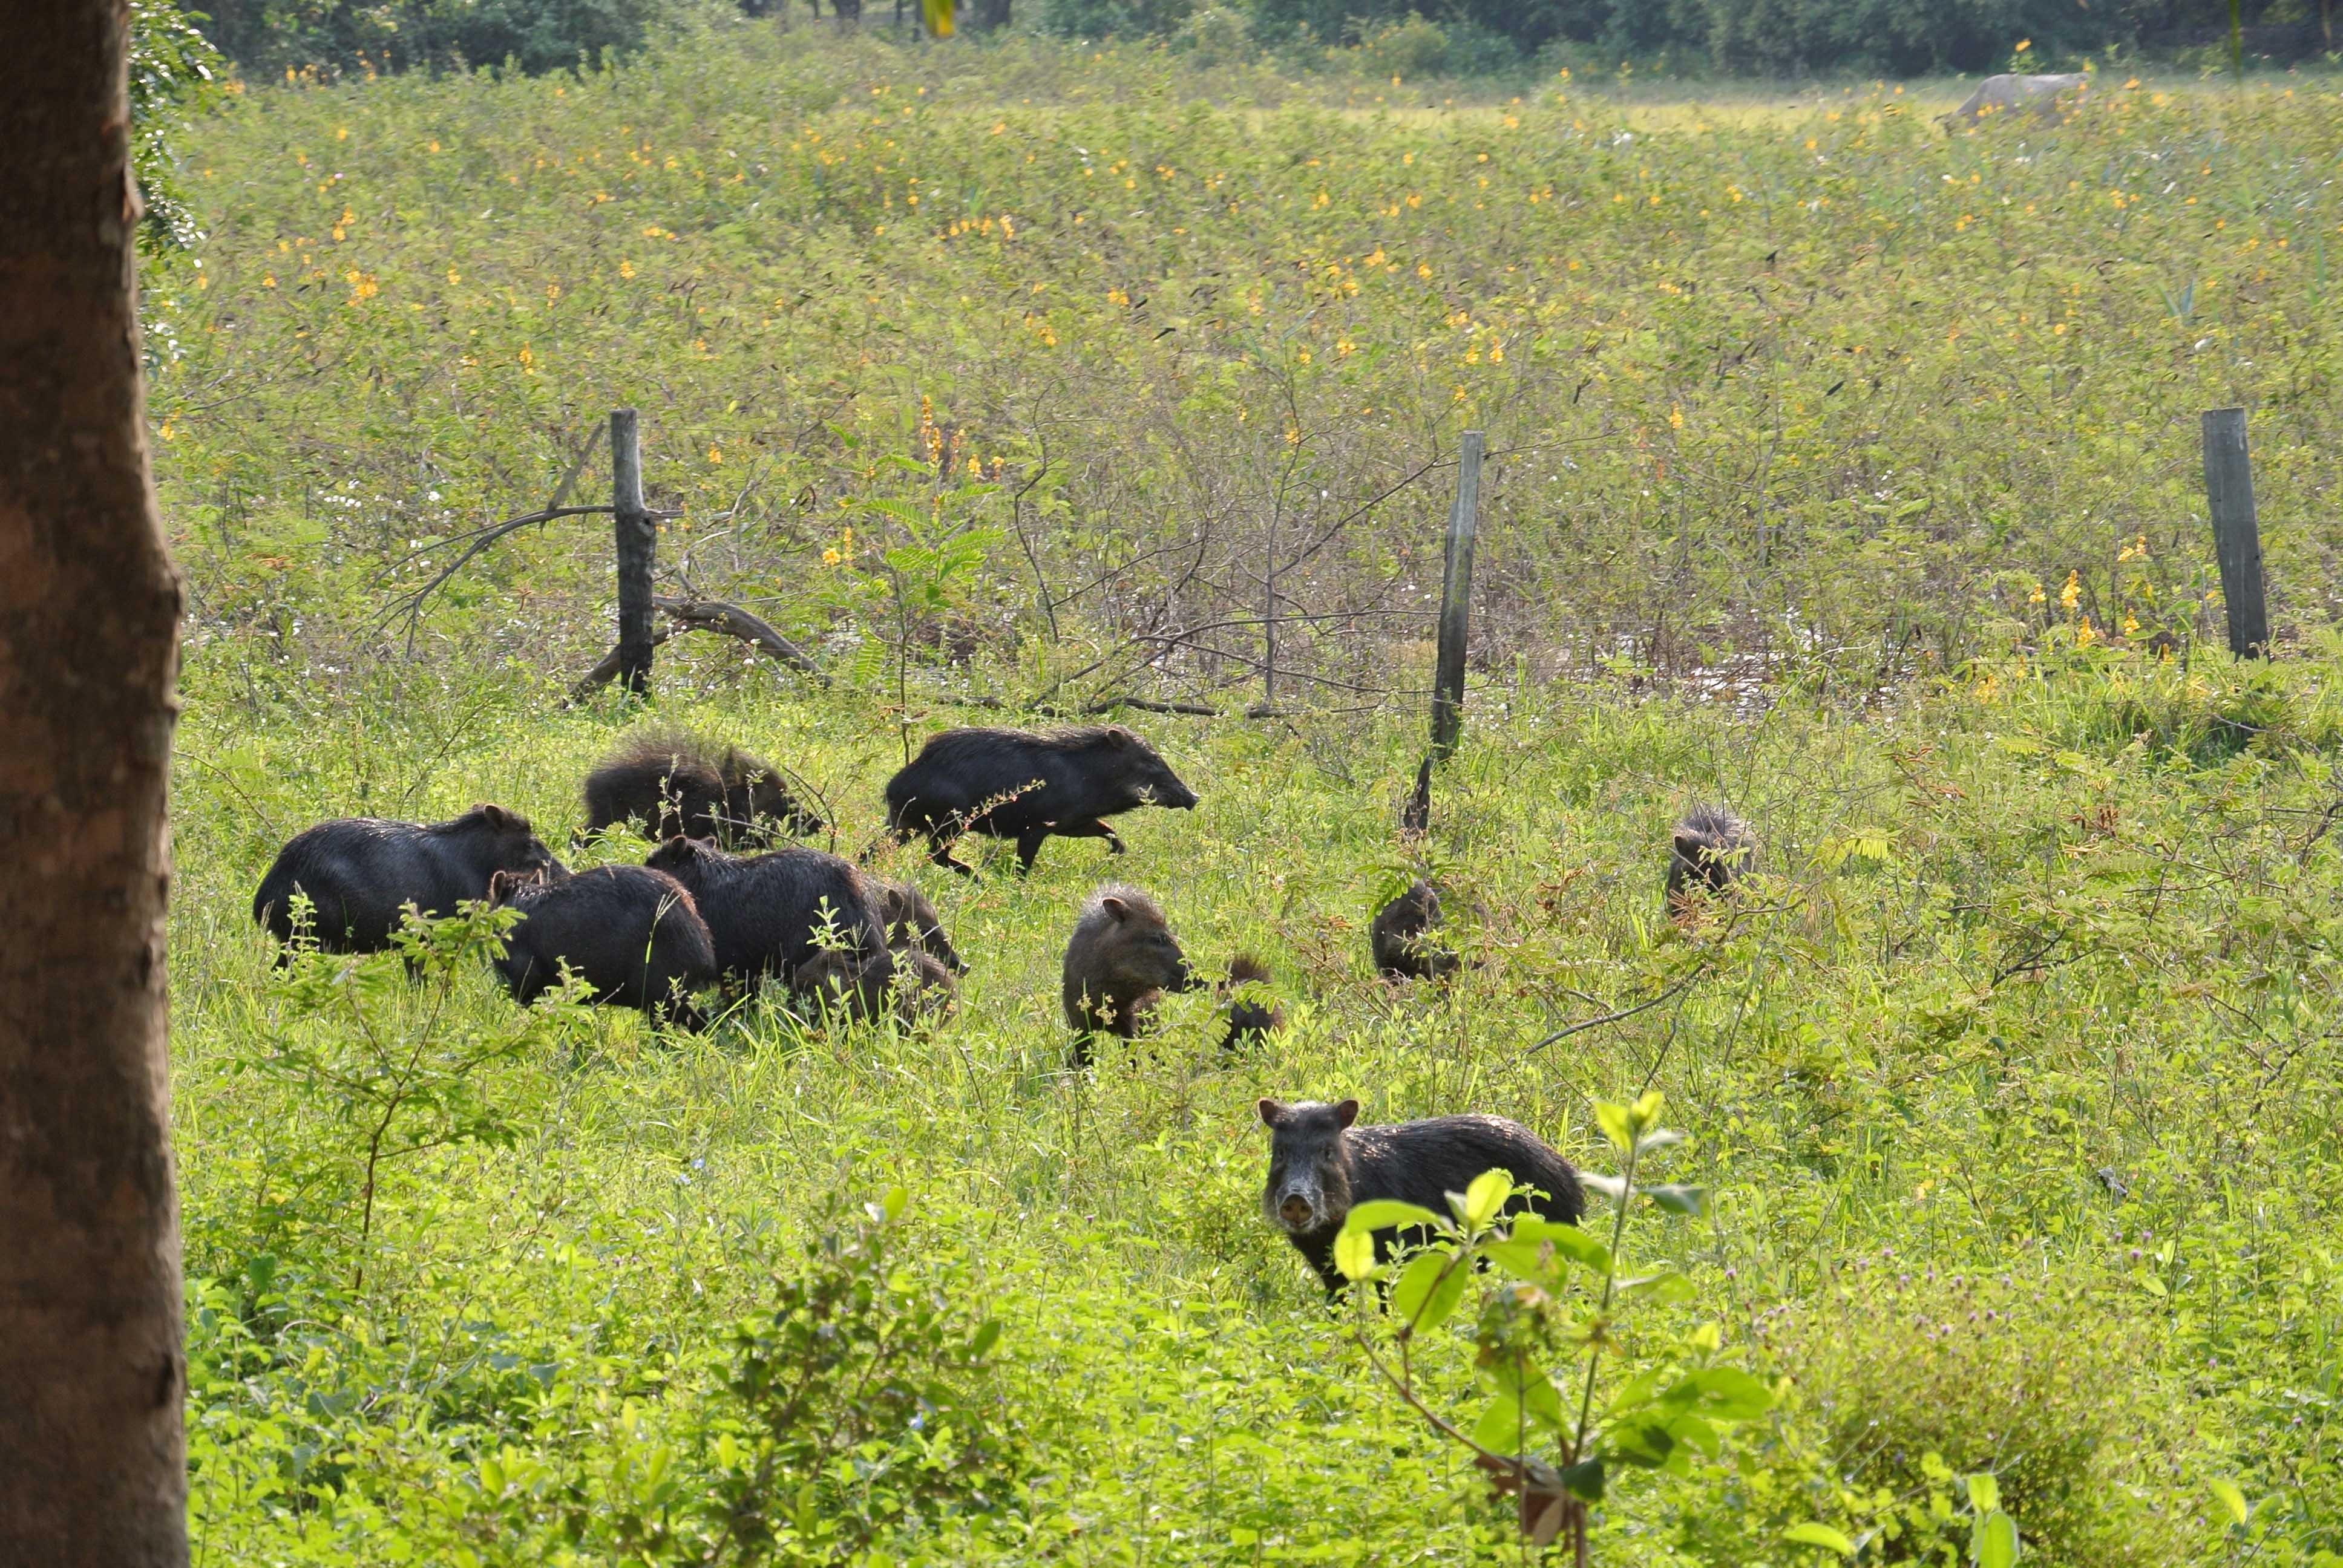 031 2409 Pantanal - Passo do Lontra - Corumba 28JPG